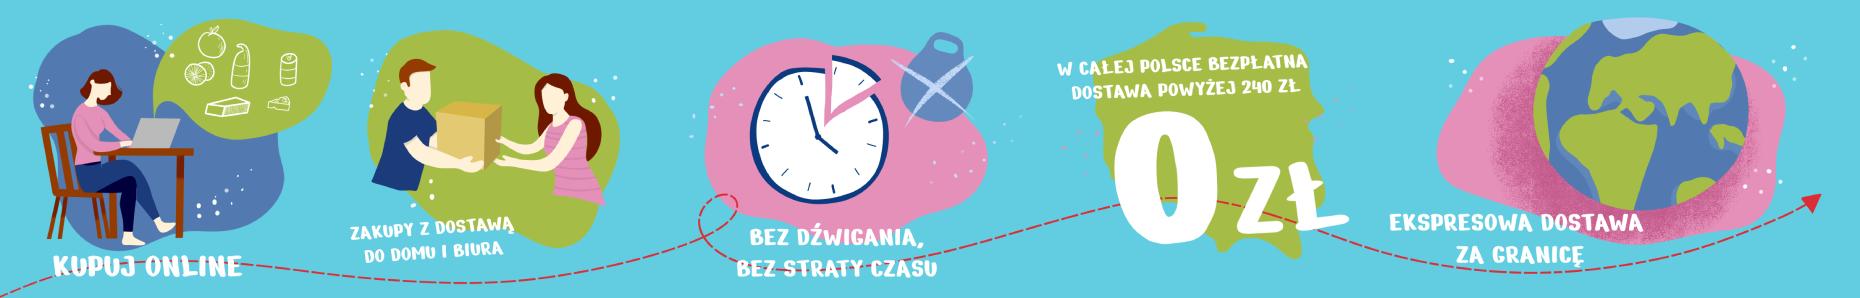 Sulęcin - Zakupy z dostawą do domu i biura.